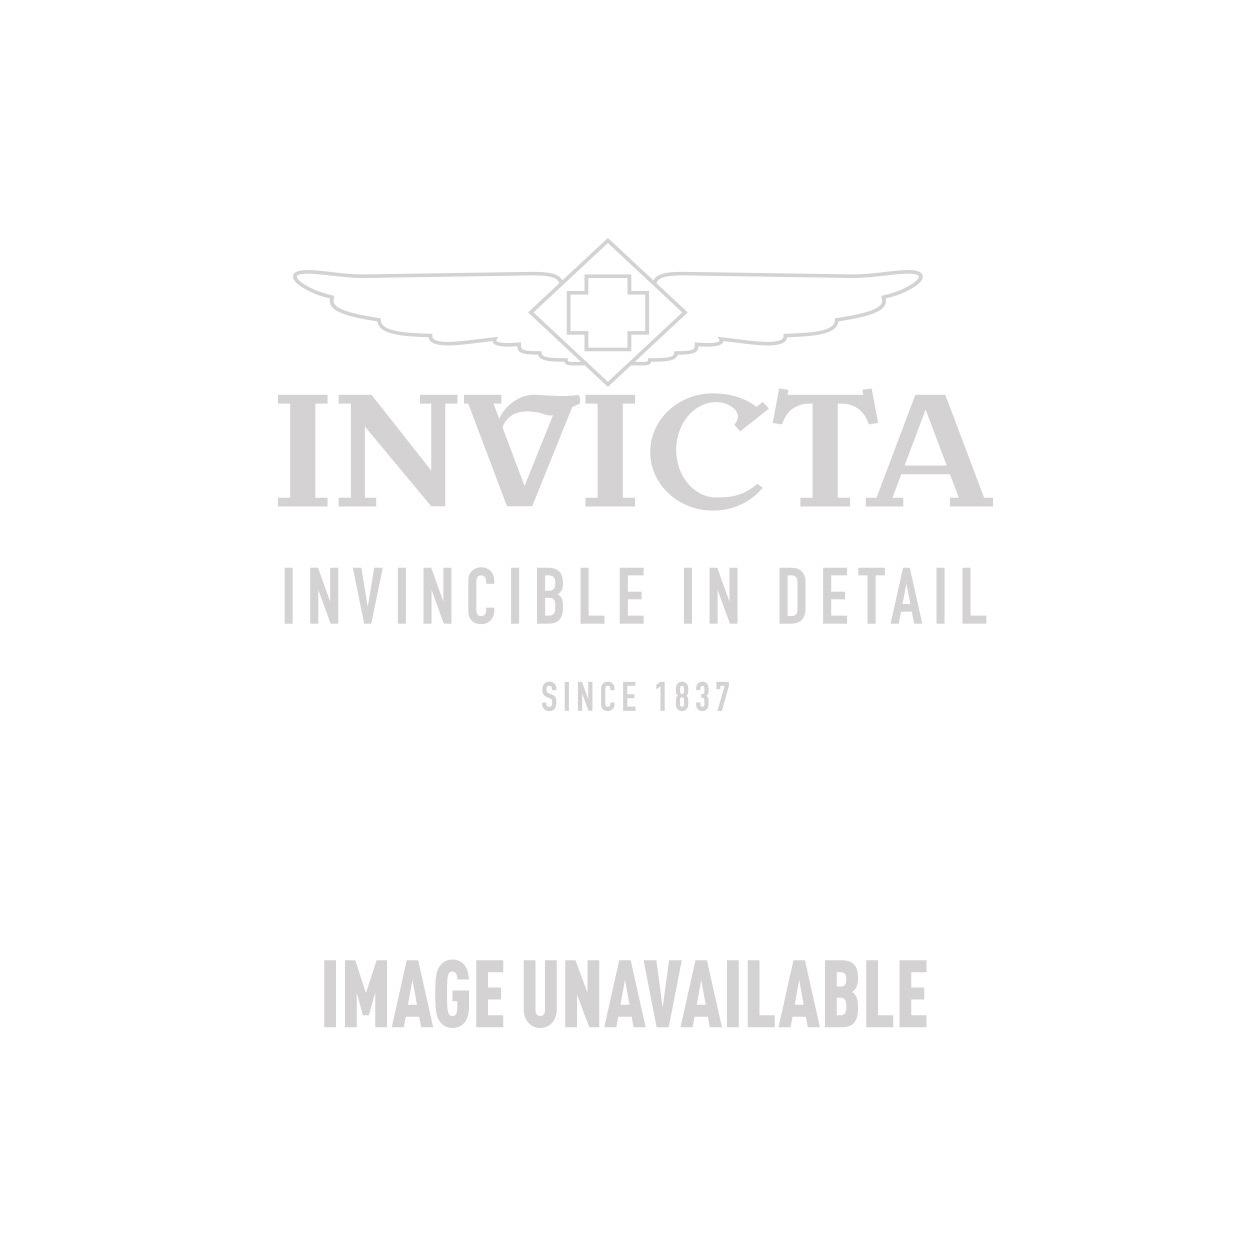 Invicta Model  25807